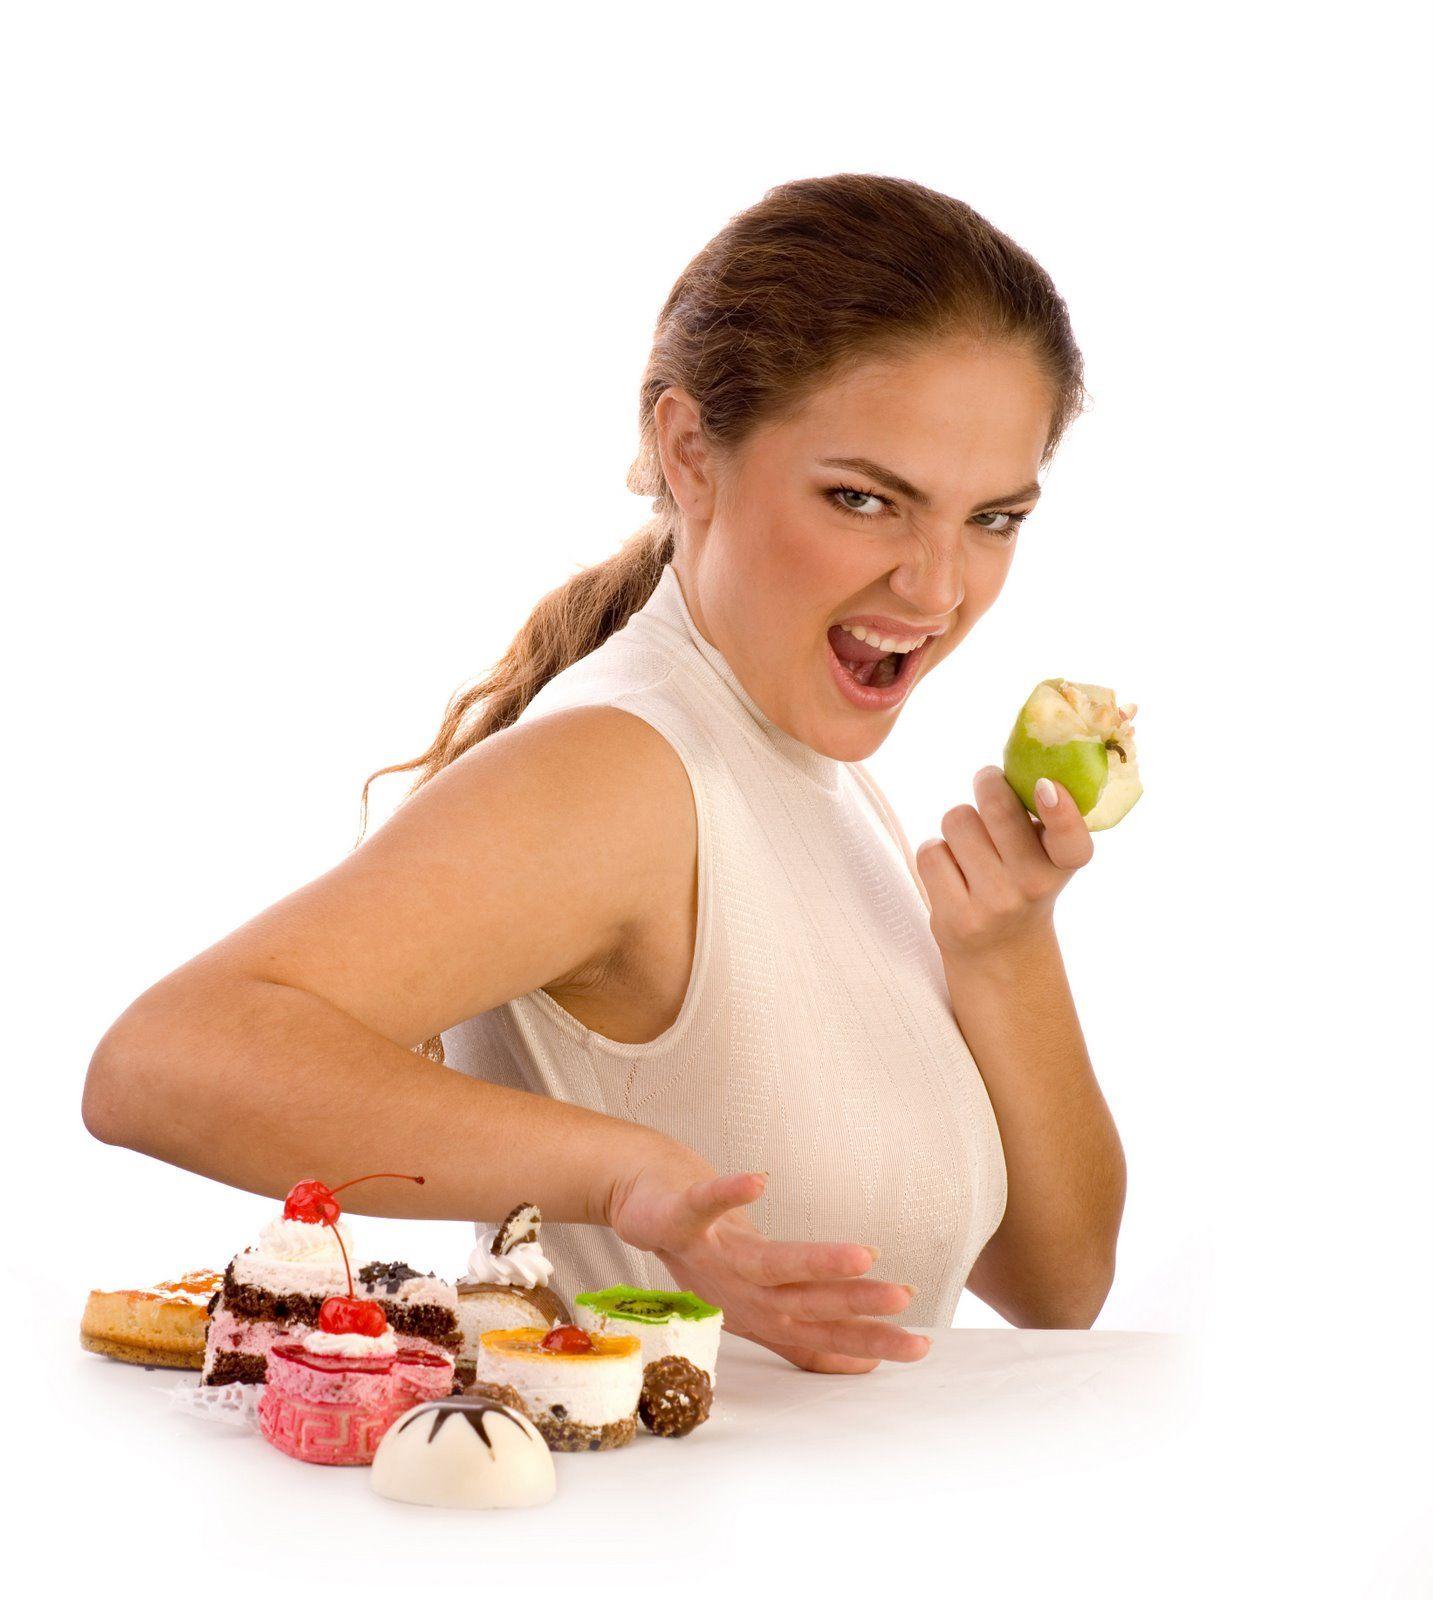 Bu yiyeceklerle zayıflayın!